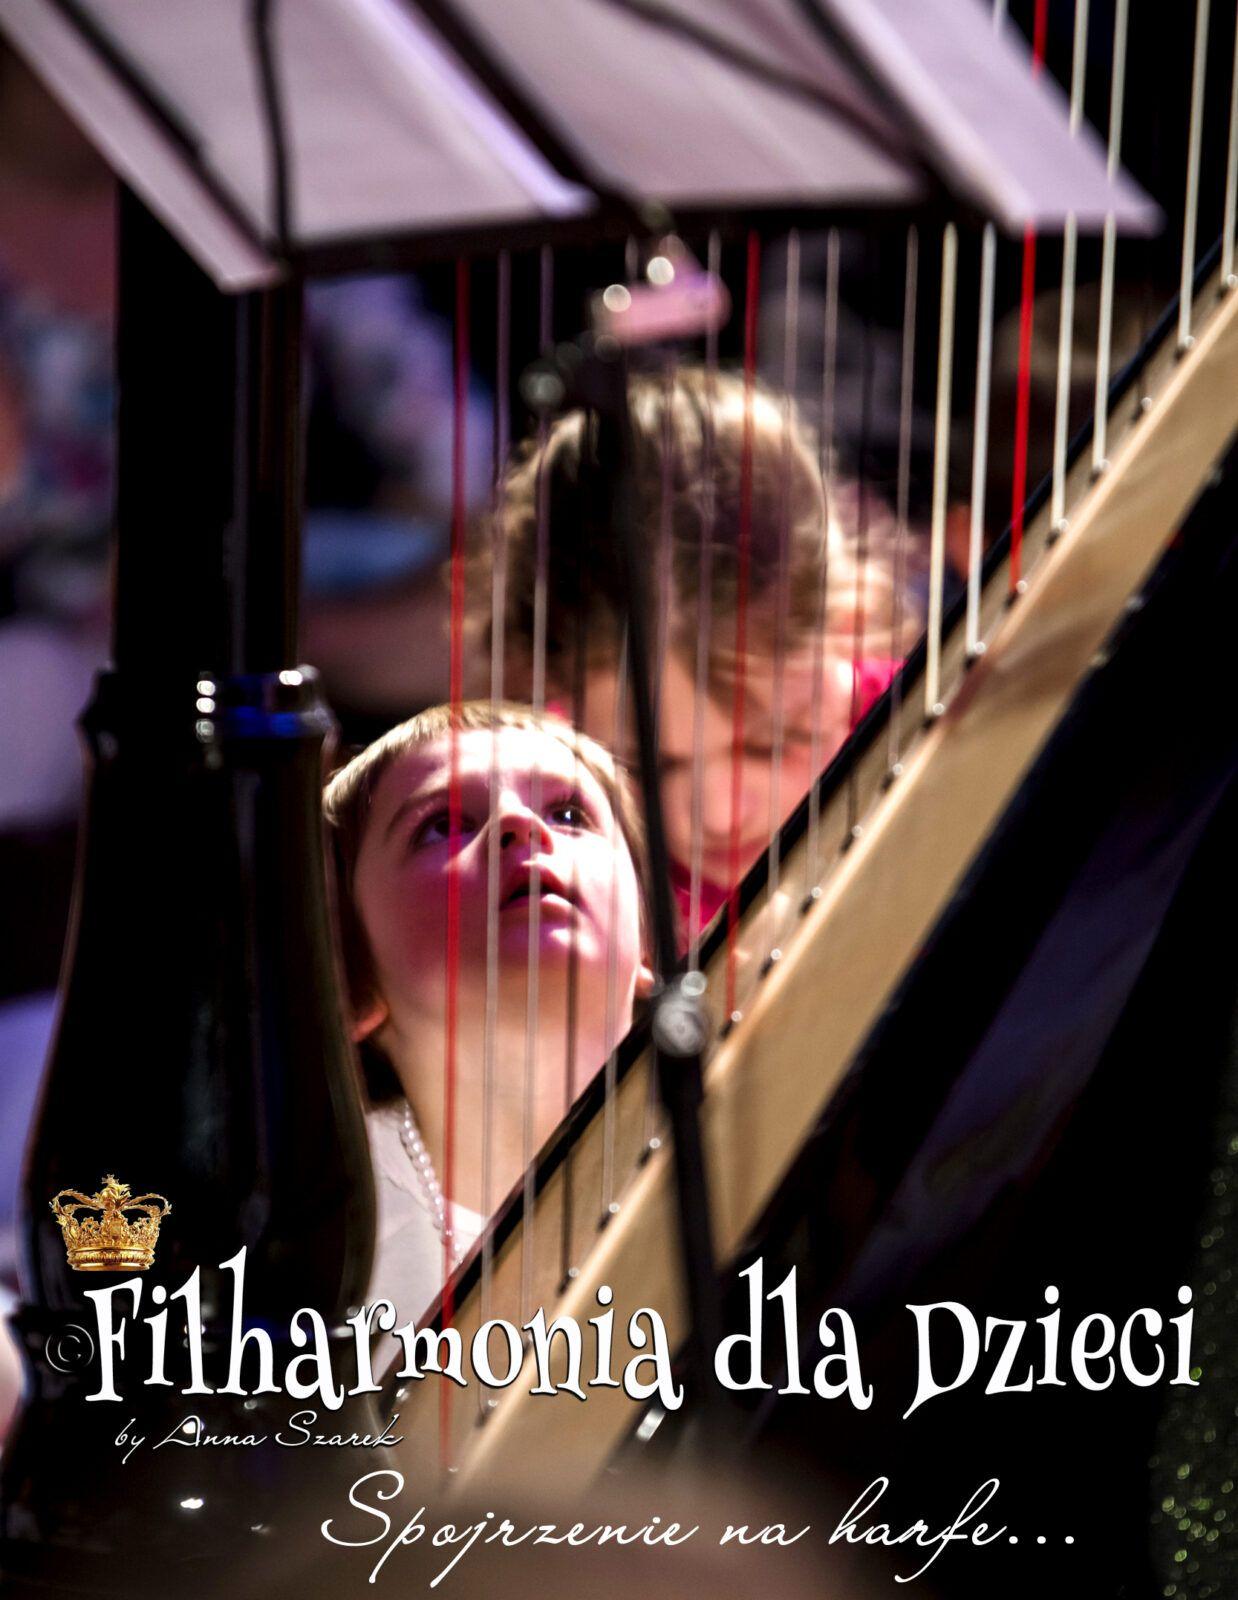 Filharmonia dla Dzieci, harfy w Hotelu Bristol